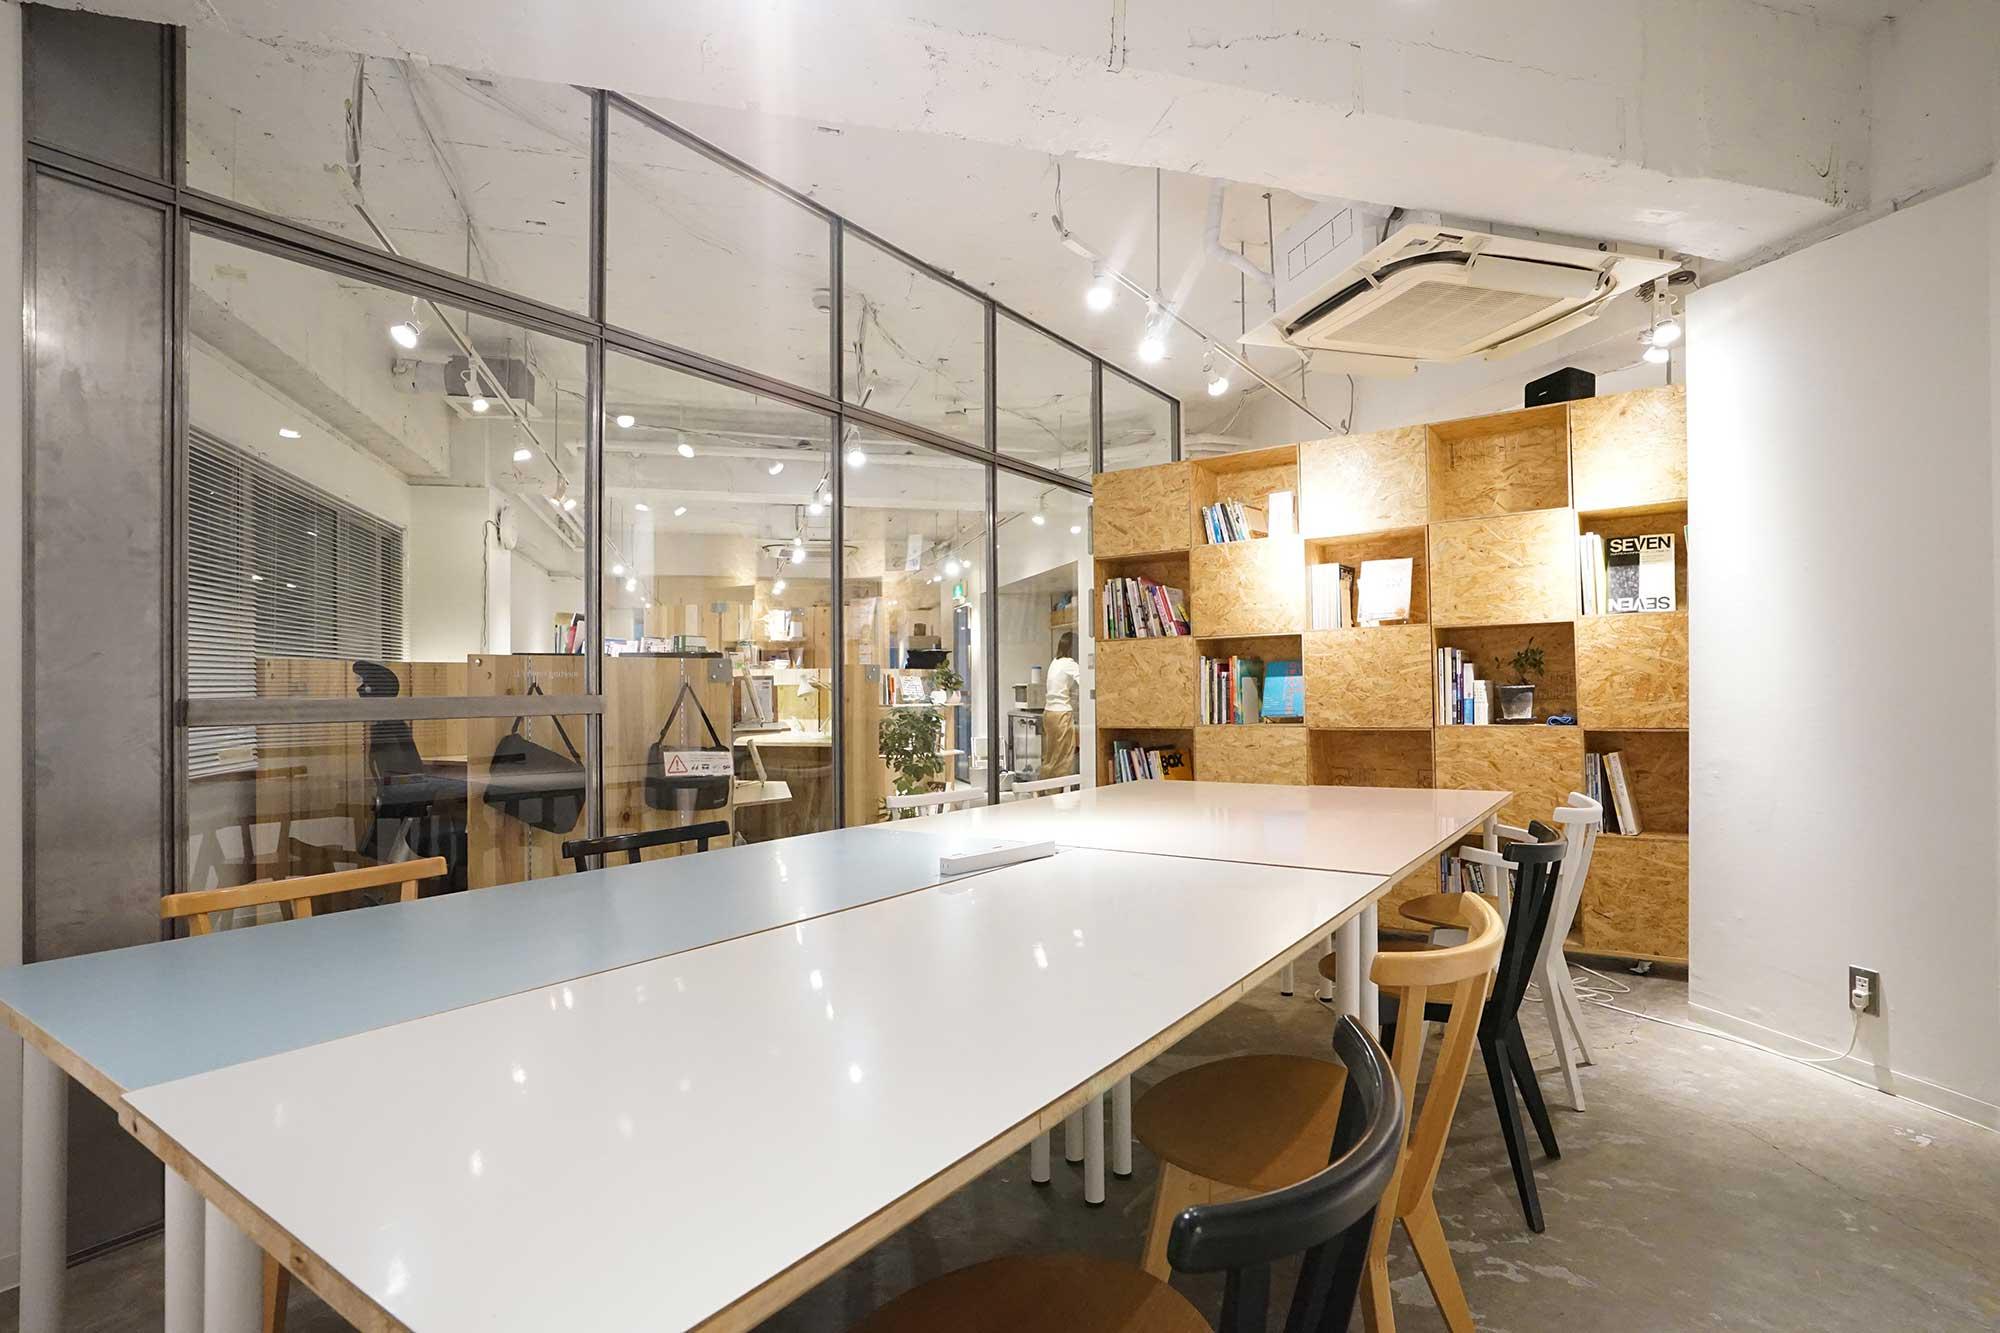 渋谷 シェアオフィス  貸し会議室|大会議室